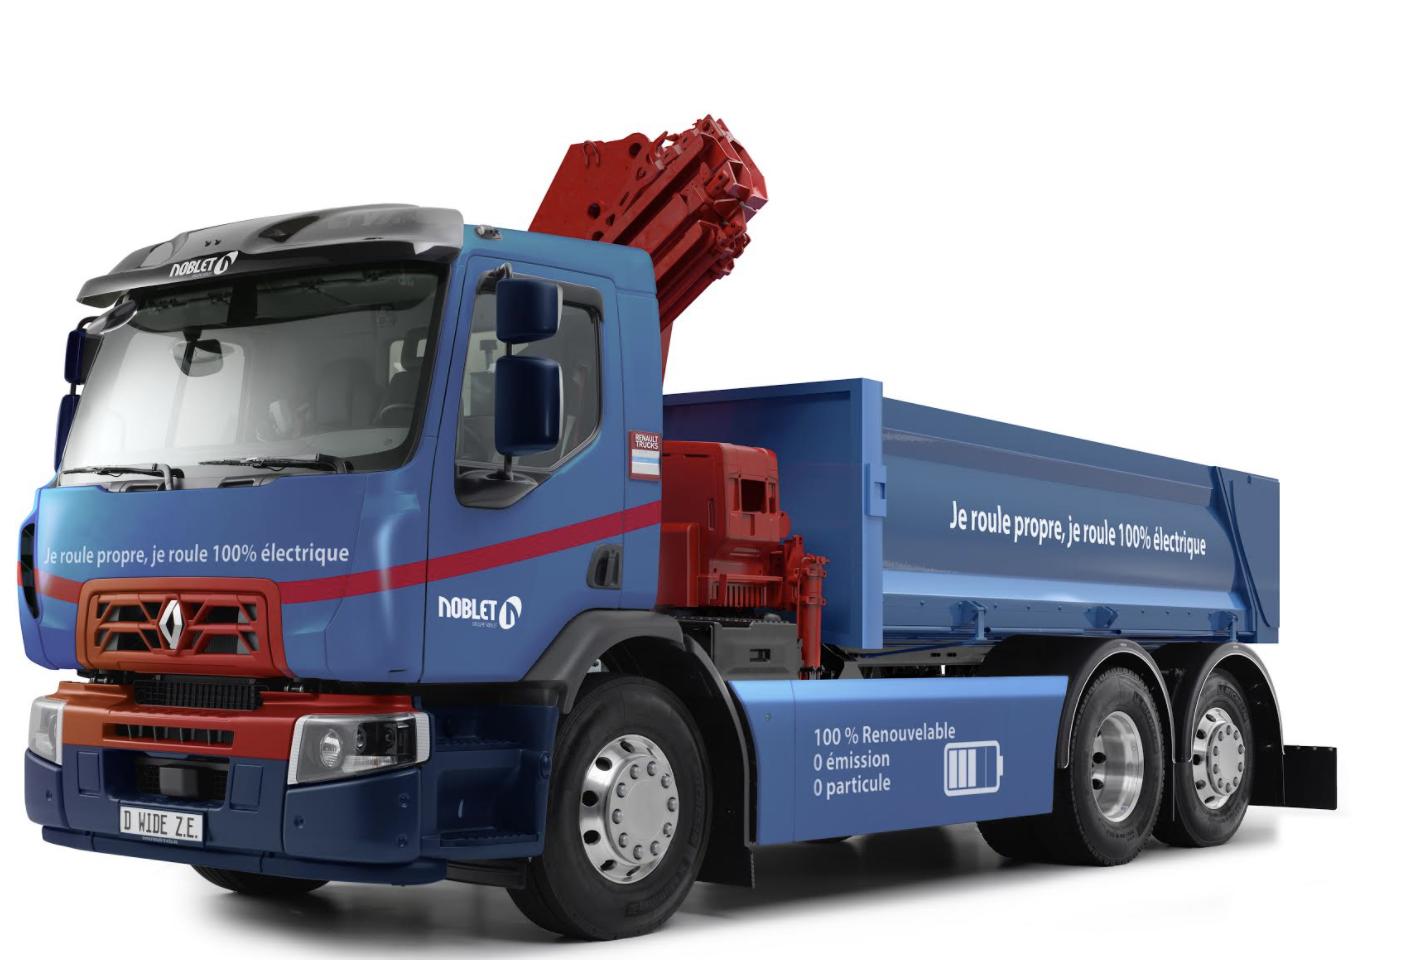 Чотири акумулятори й керована задня вісь: Renault Trucks відправить на будівництво свою першу електровантажівку